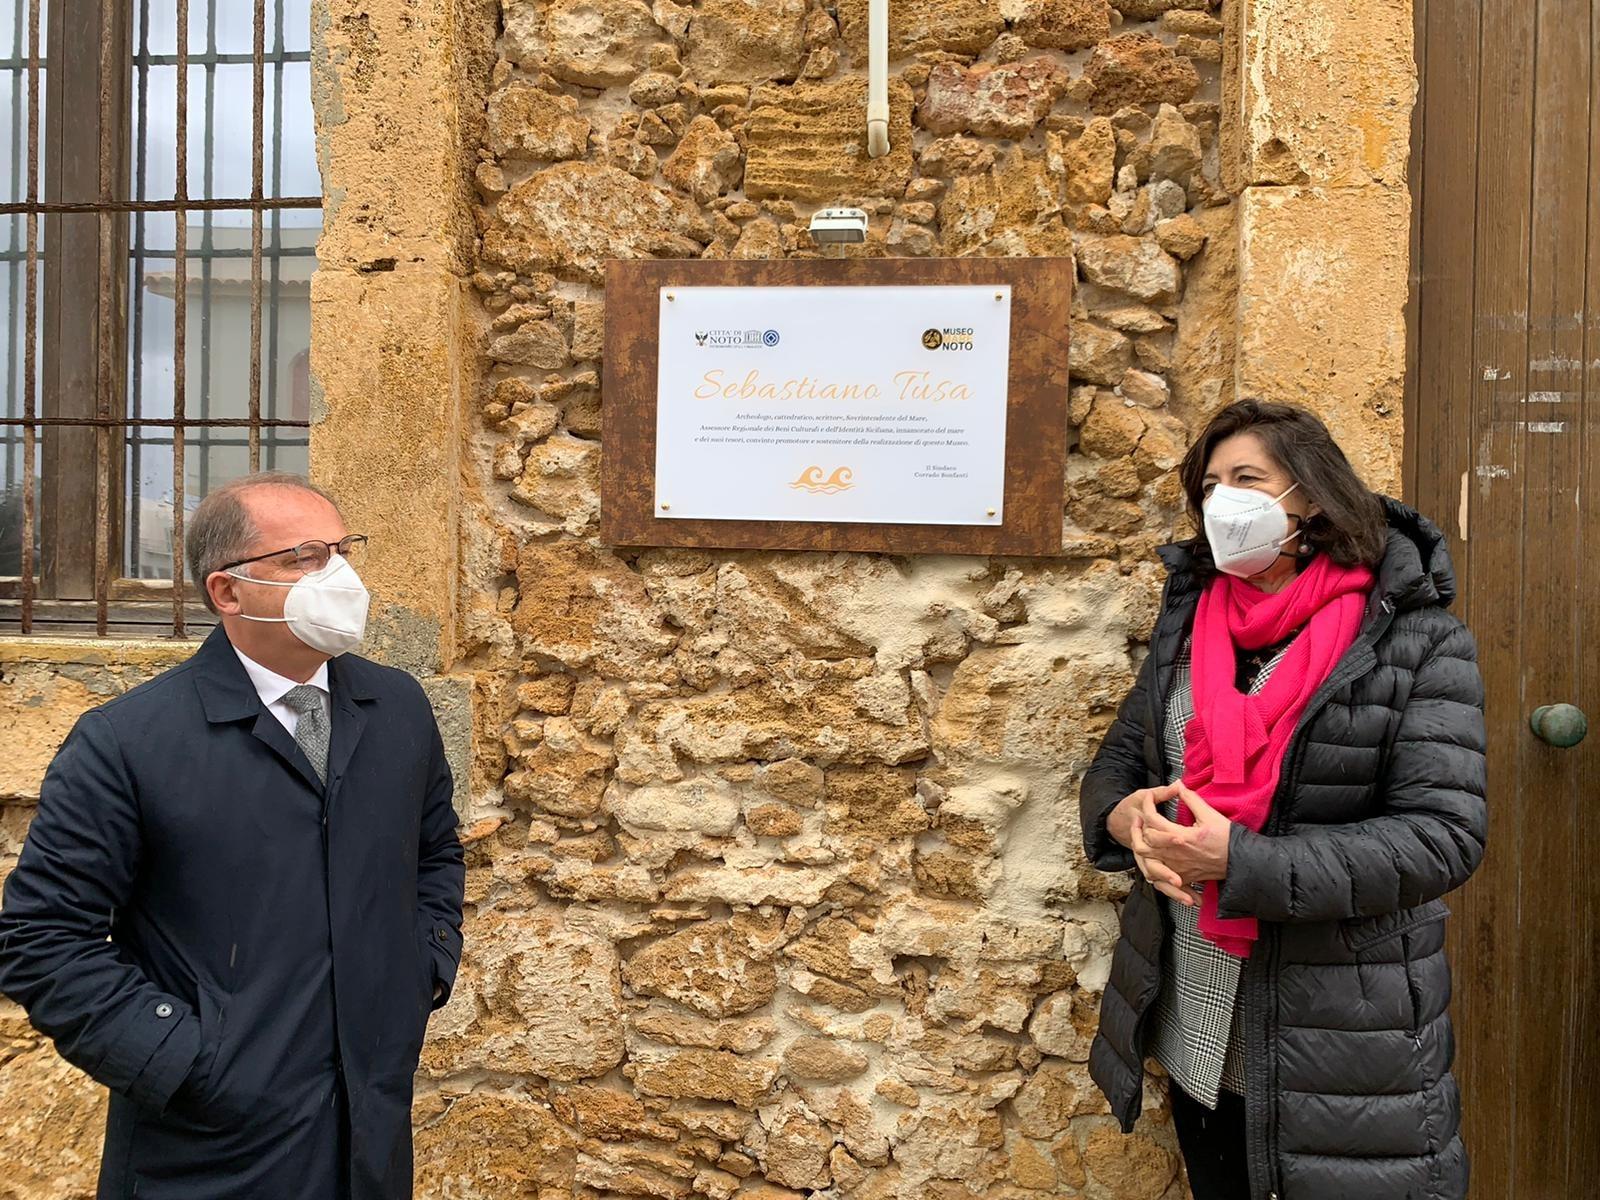 Il Museo del Mare di Calabernardo intitolato alla memoria del prof. Sebastiano Tusa